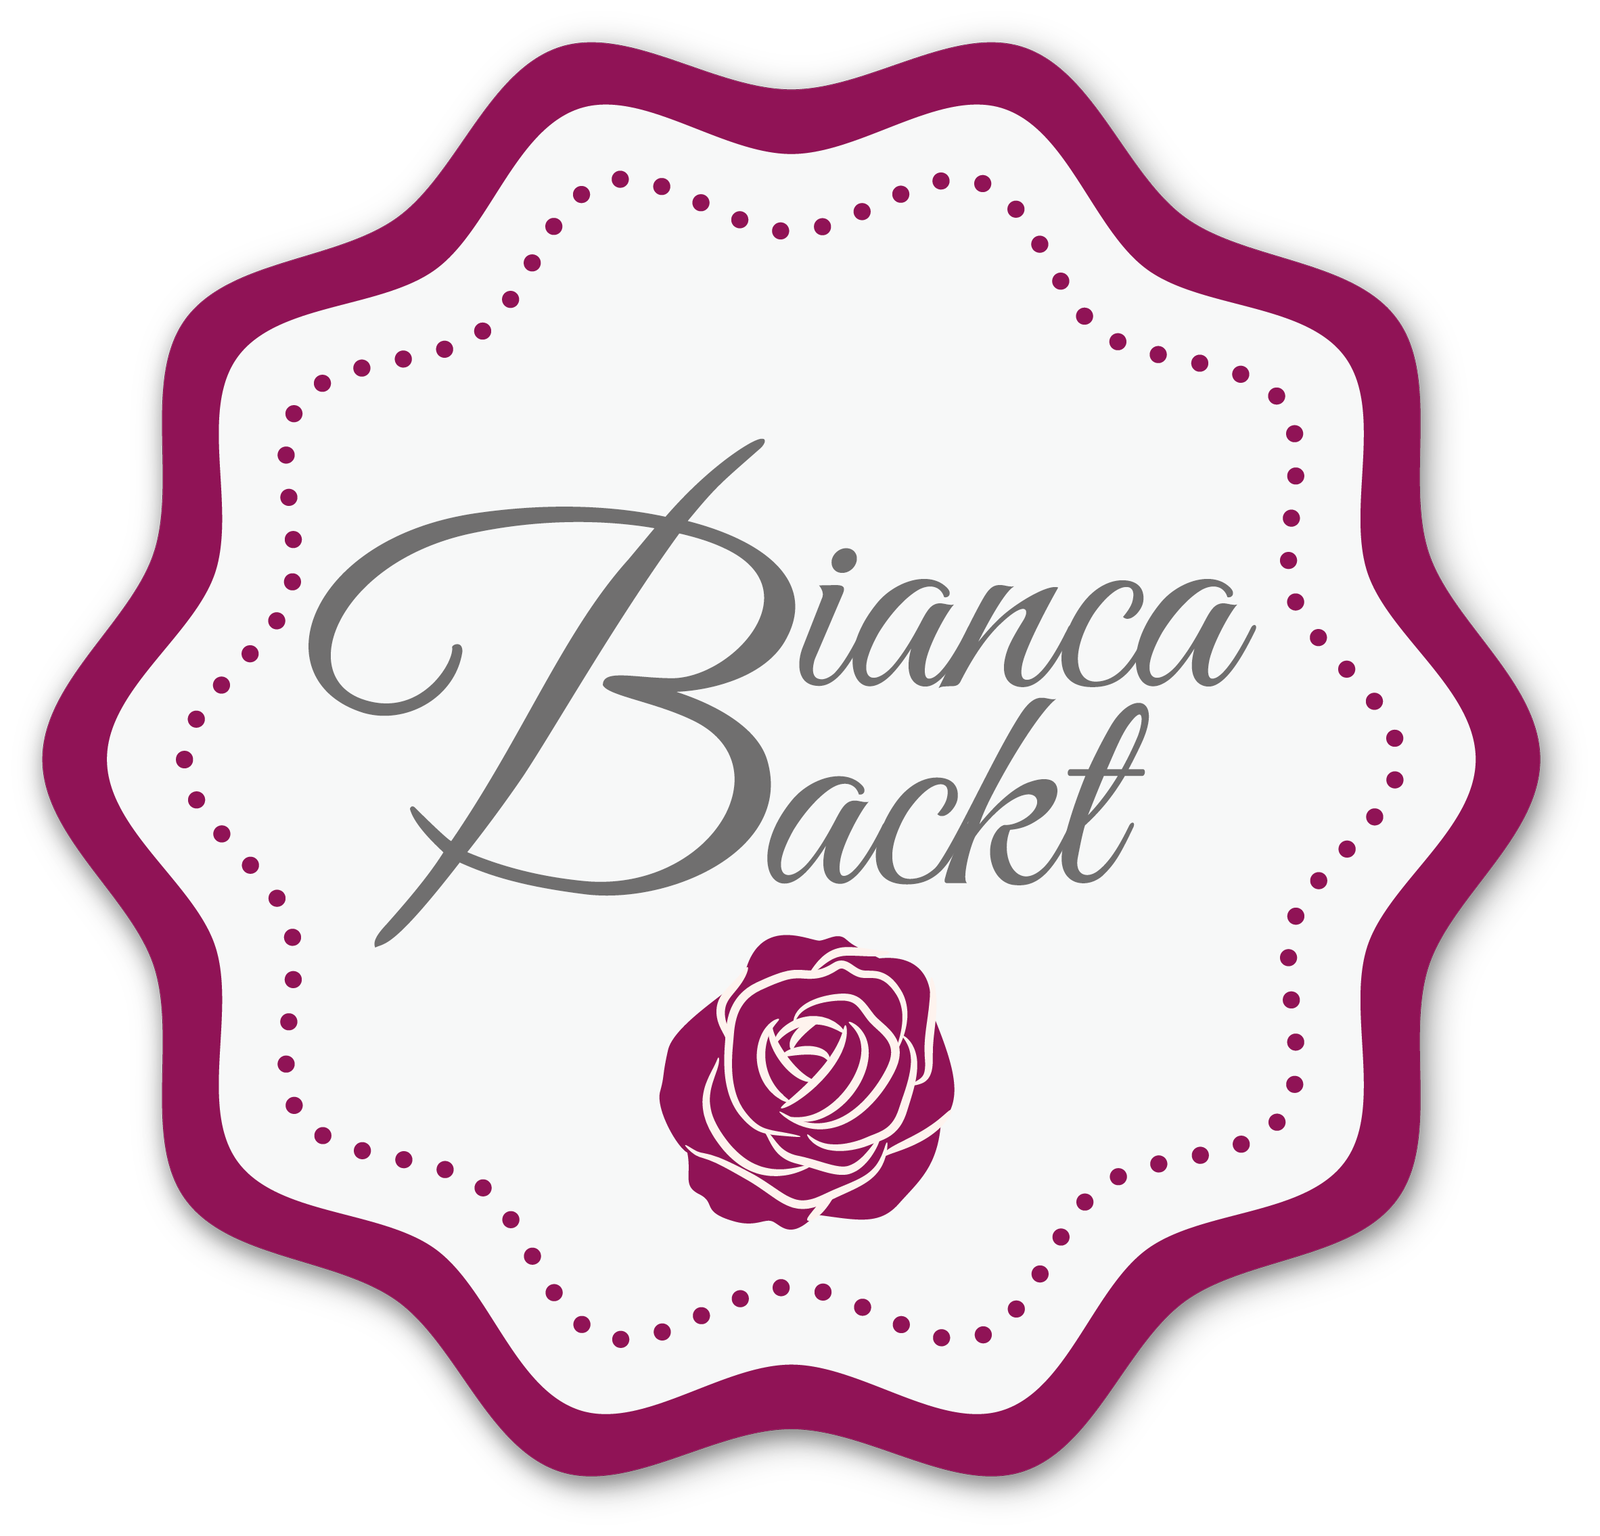 Bianca Backt